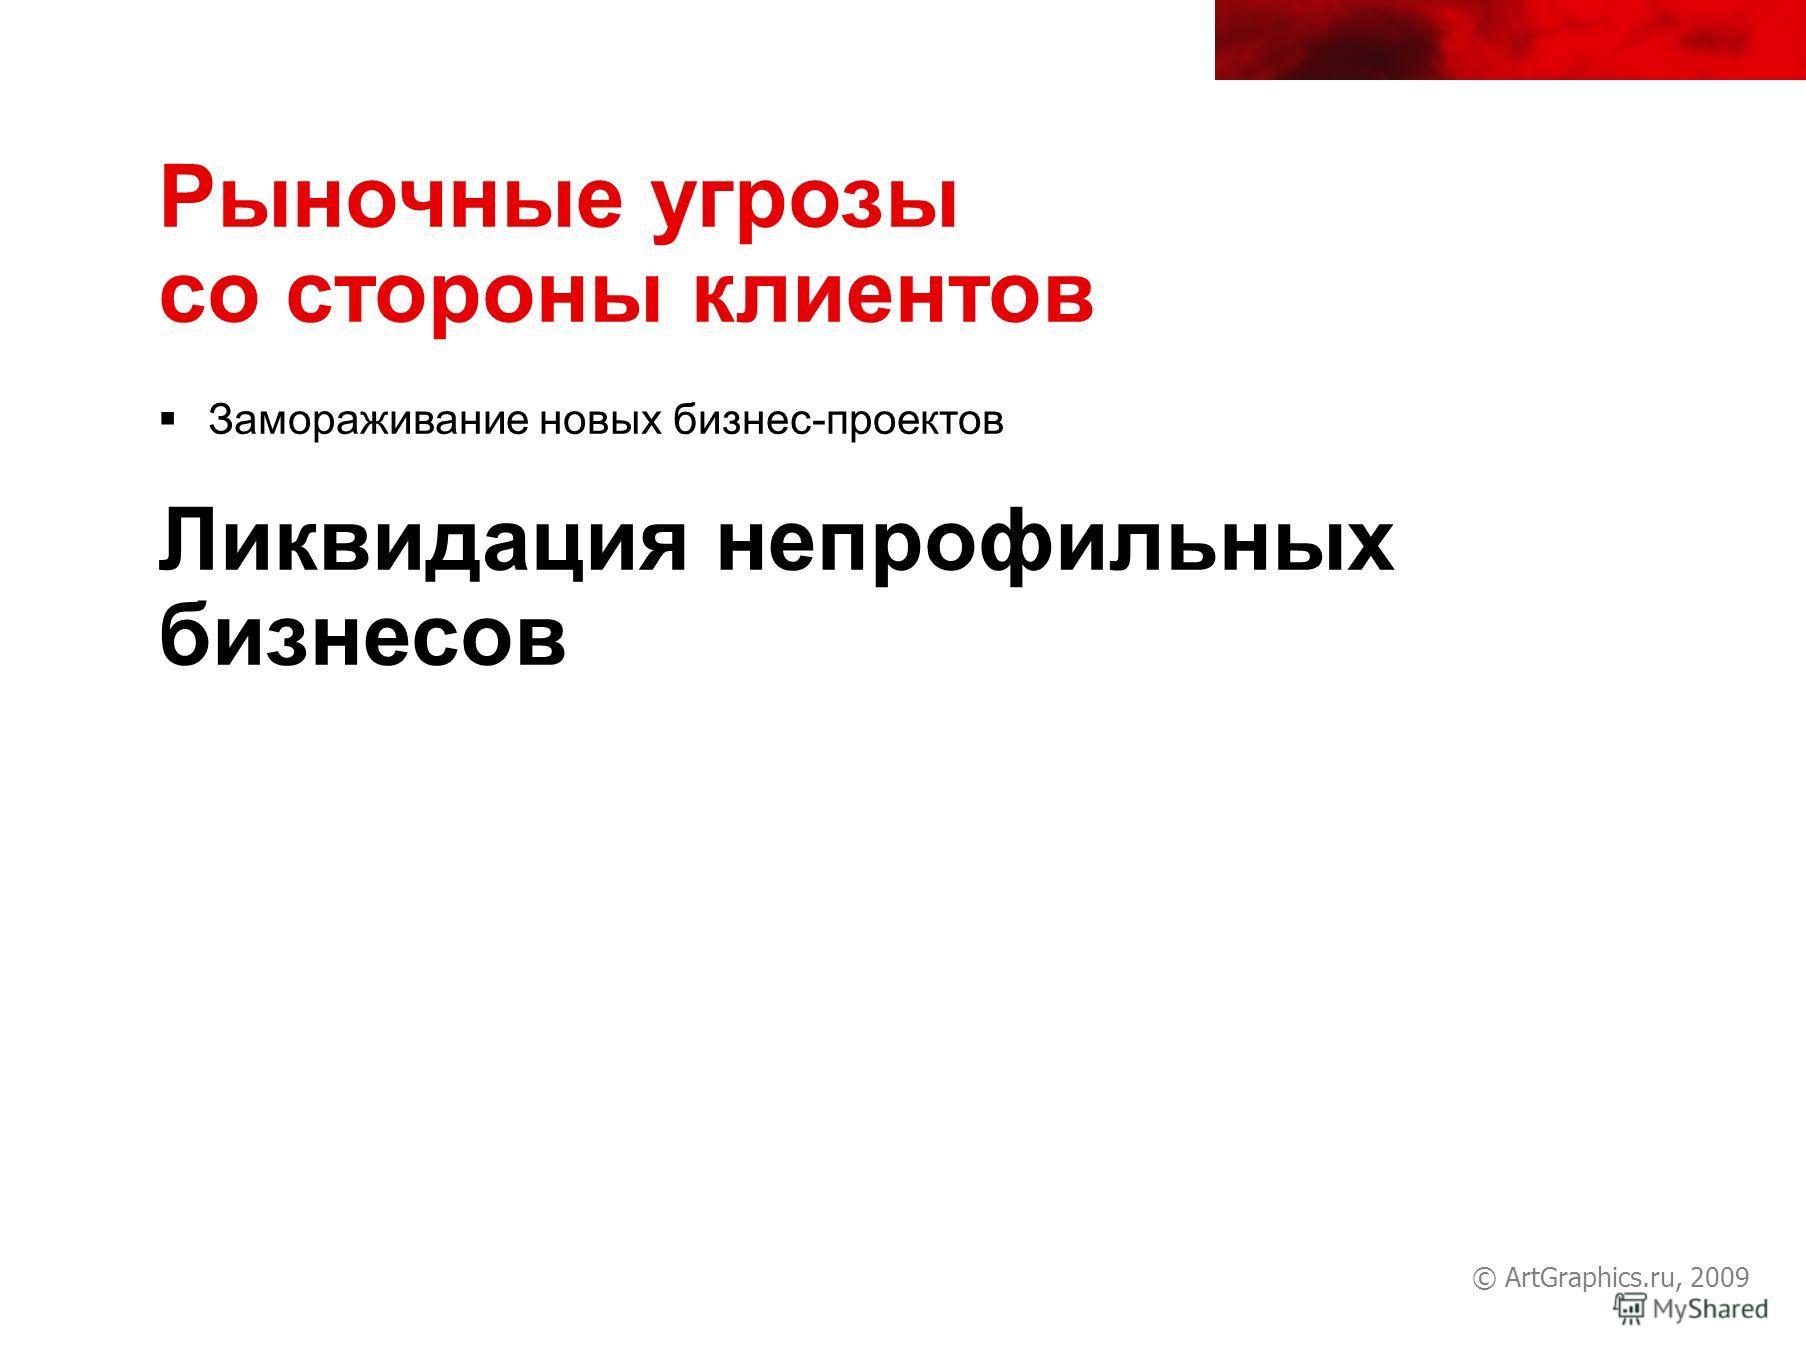 © ArtGraphics.ru, 2009 Рыночные угрозы со стороны клиентов Замораживание новых бизнес-проектов Ликвидация непрофильных бизнесов